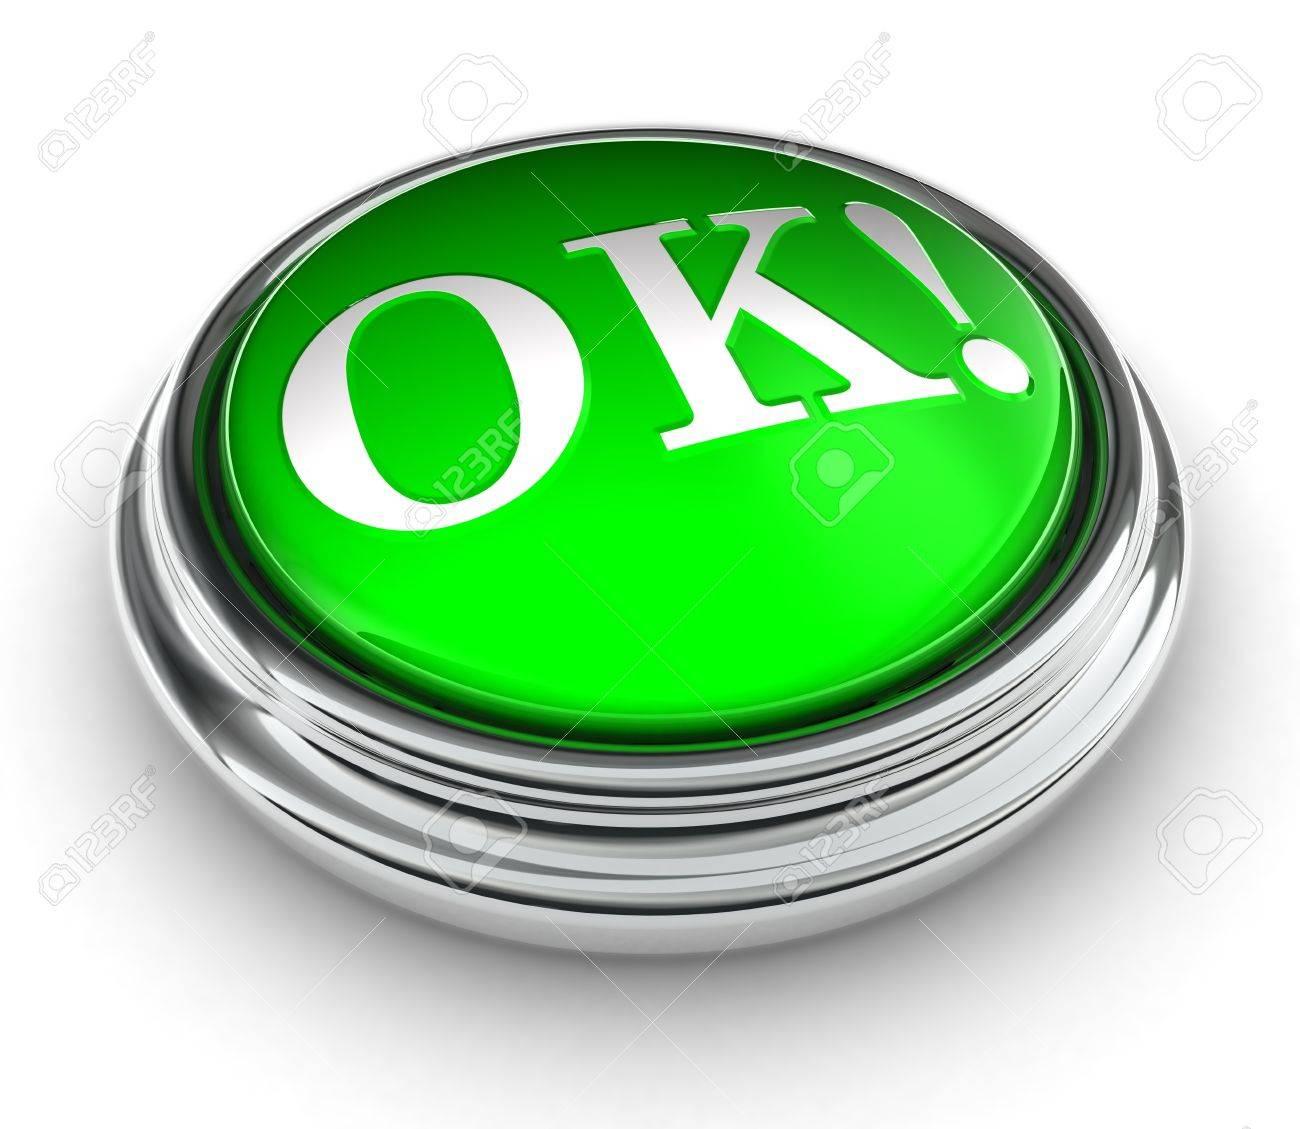 ok word on green push button on white background. Stock Photo - 13012775